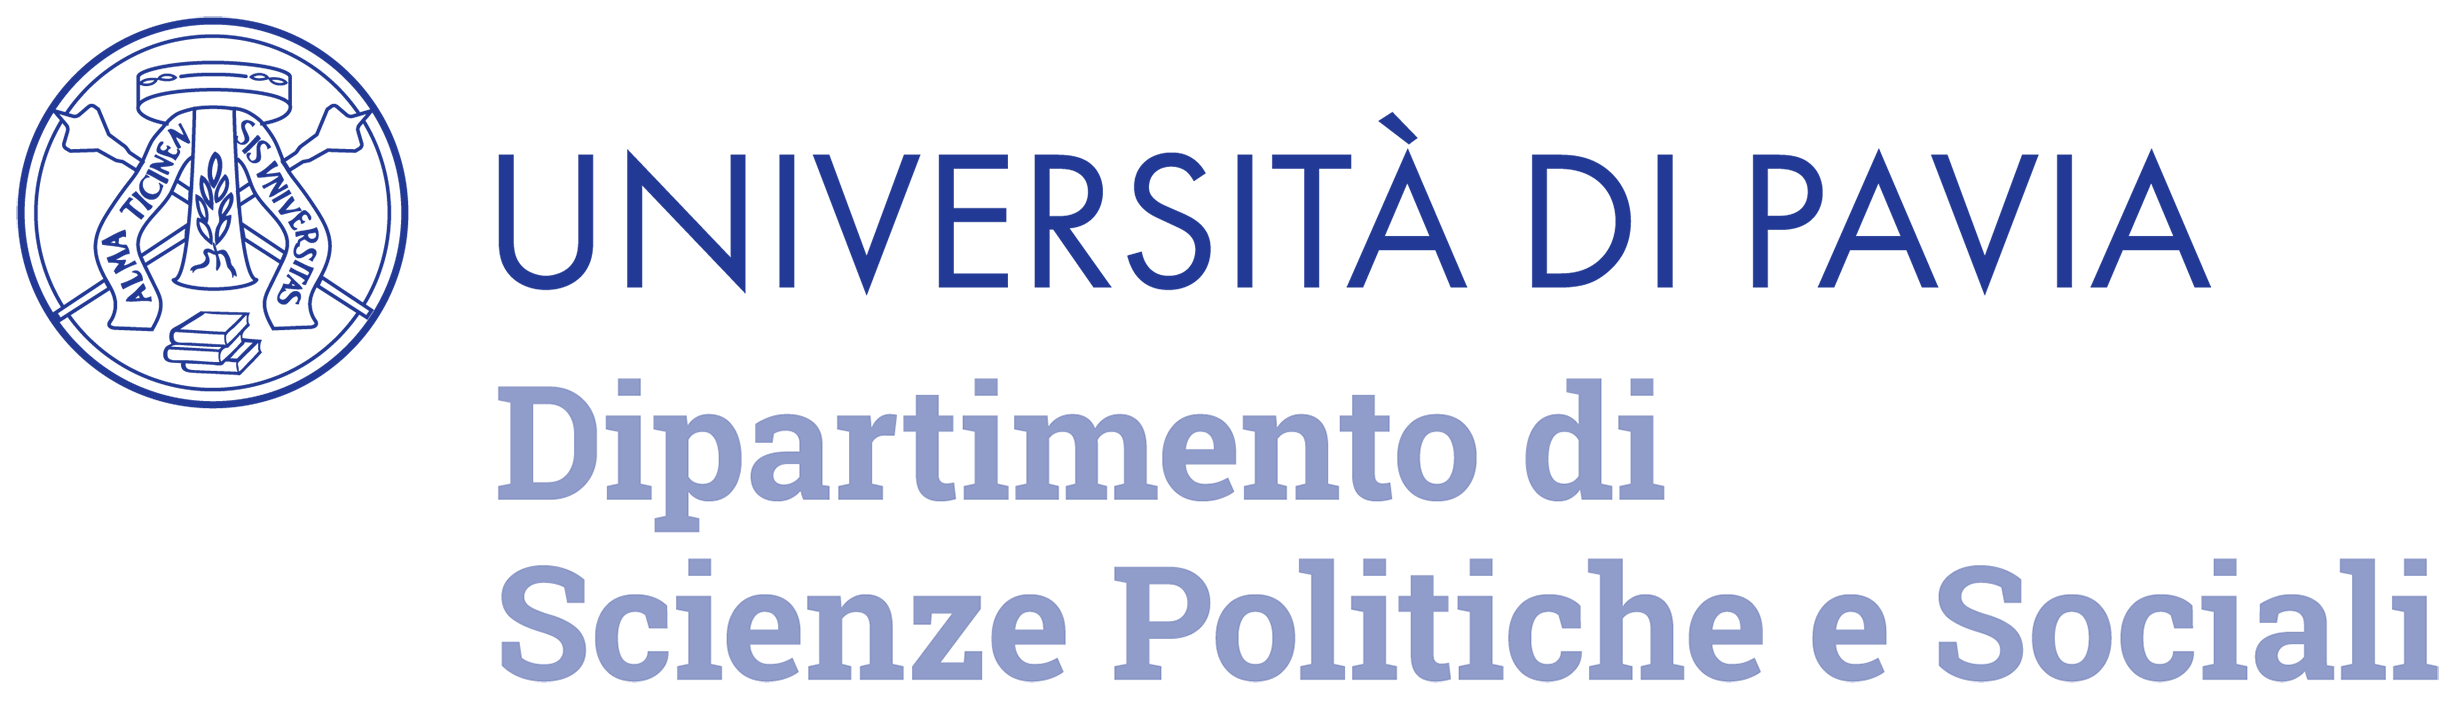 Dipartimento di Scienze politiche e Sociali - Università degli Studi di Pavia